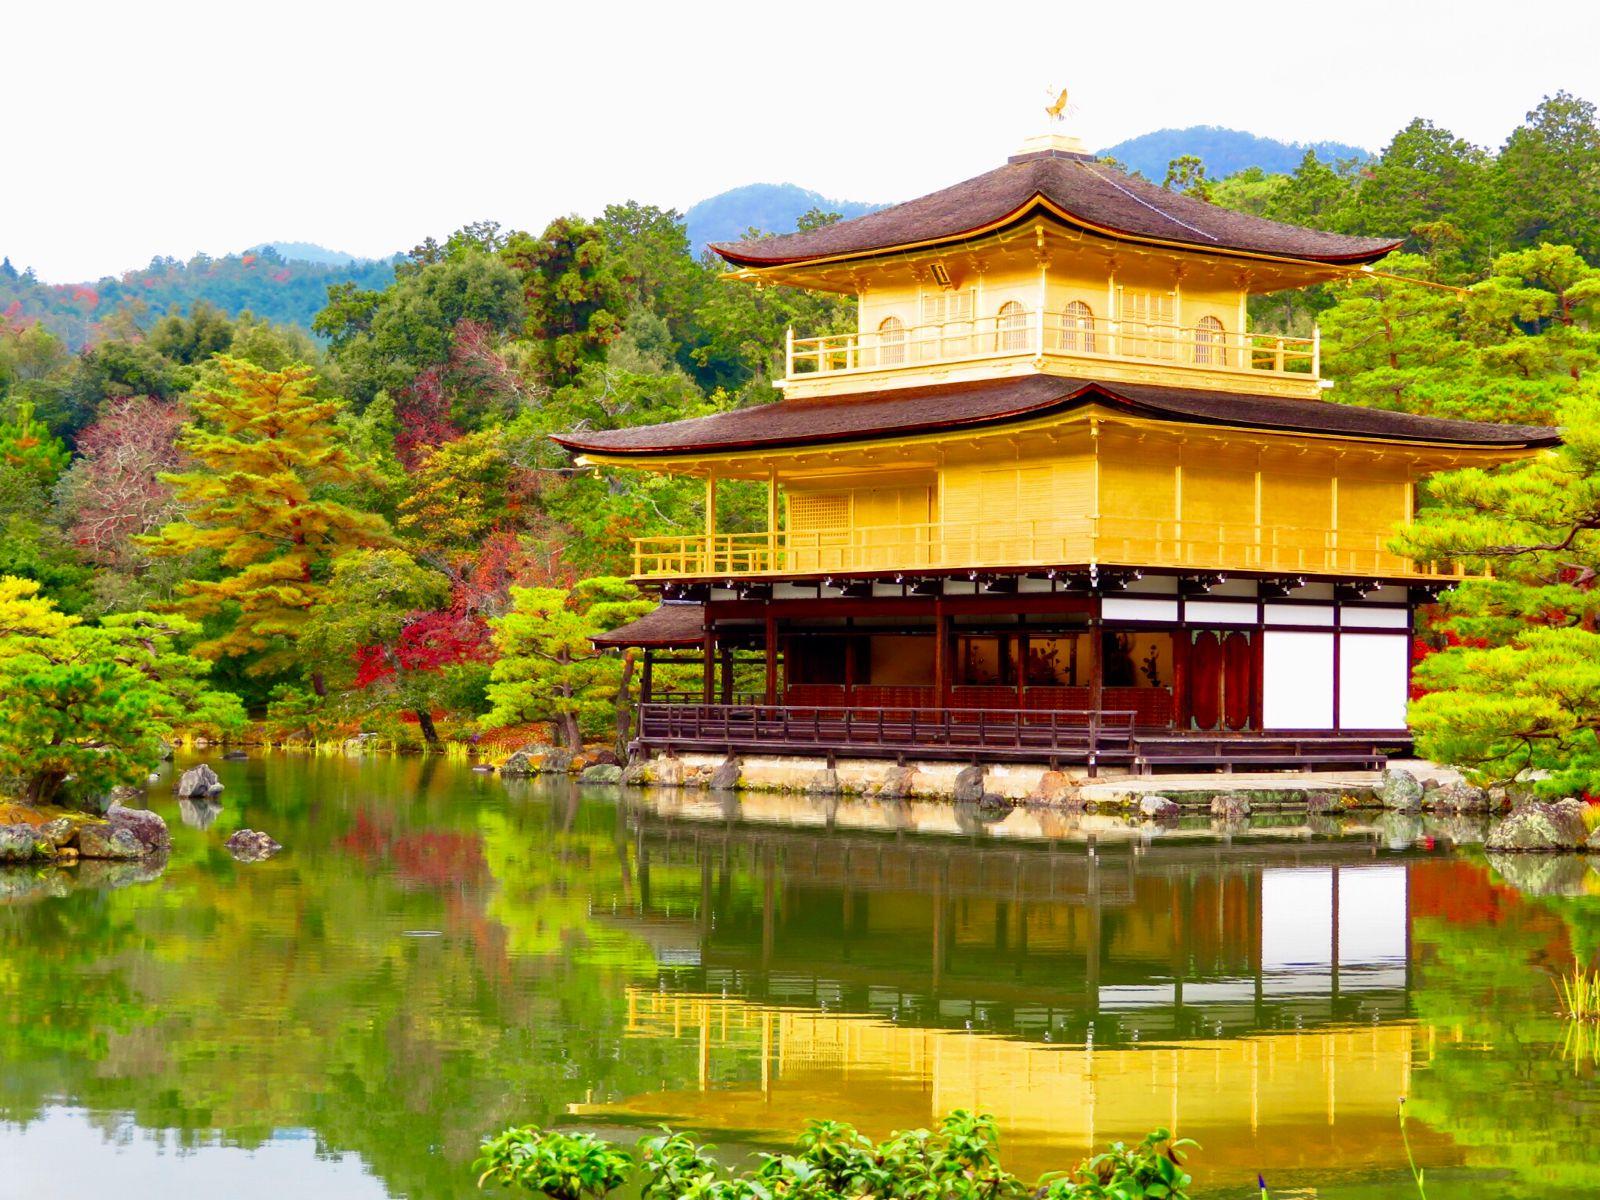 関西人が選ぶ!関西のおすすめ観光スポットランキングTOP15                当サイト内のおでかけ情報に関してこのまとめ記事の目次